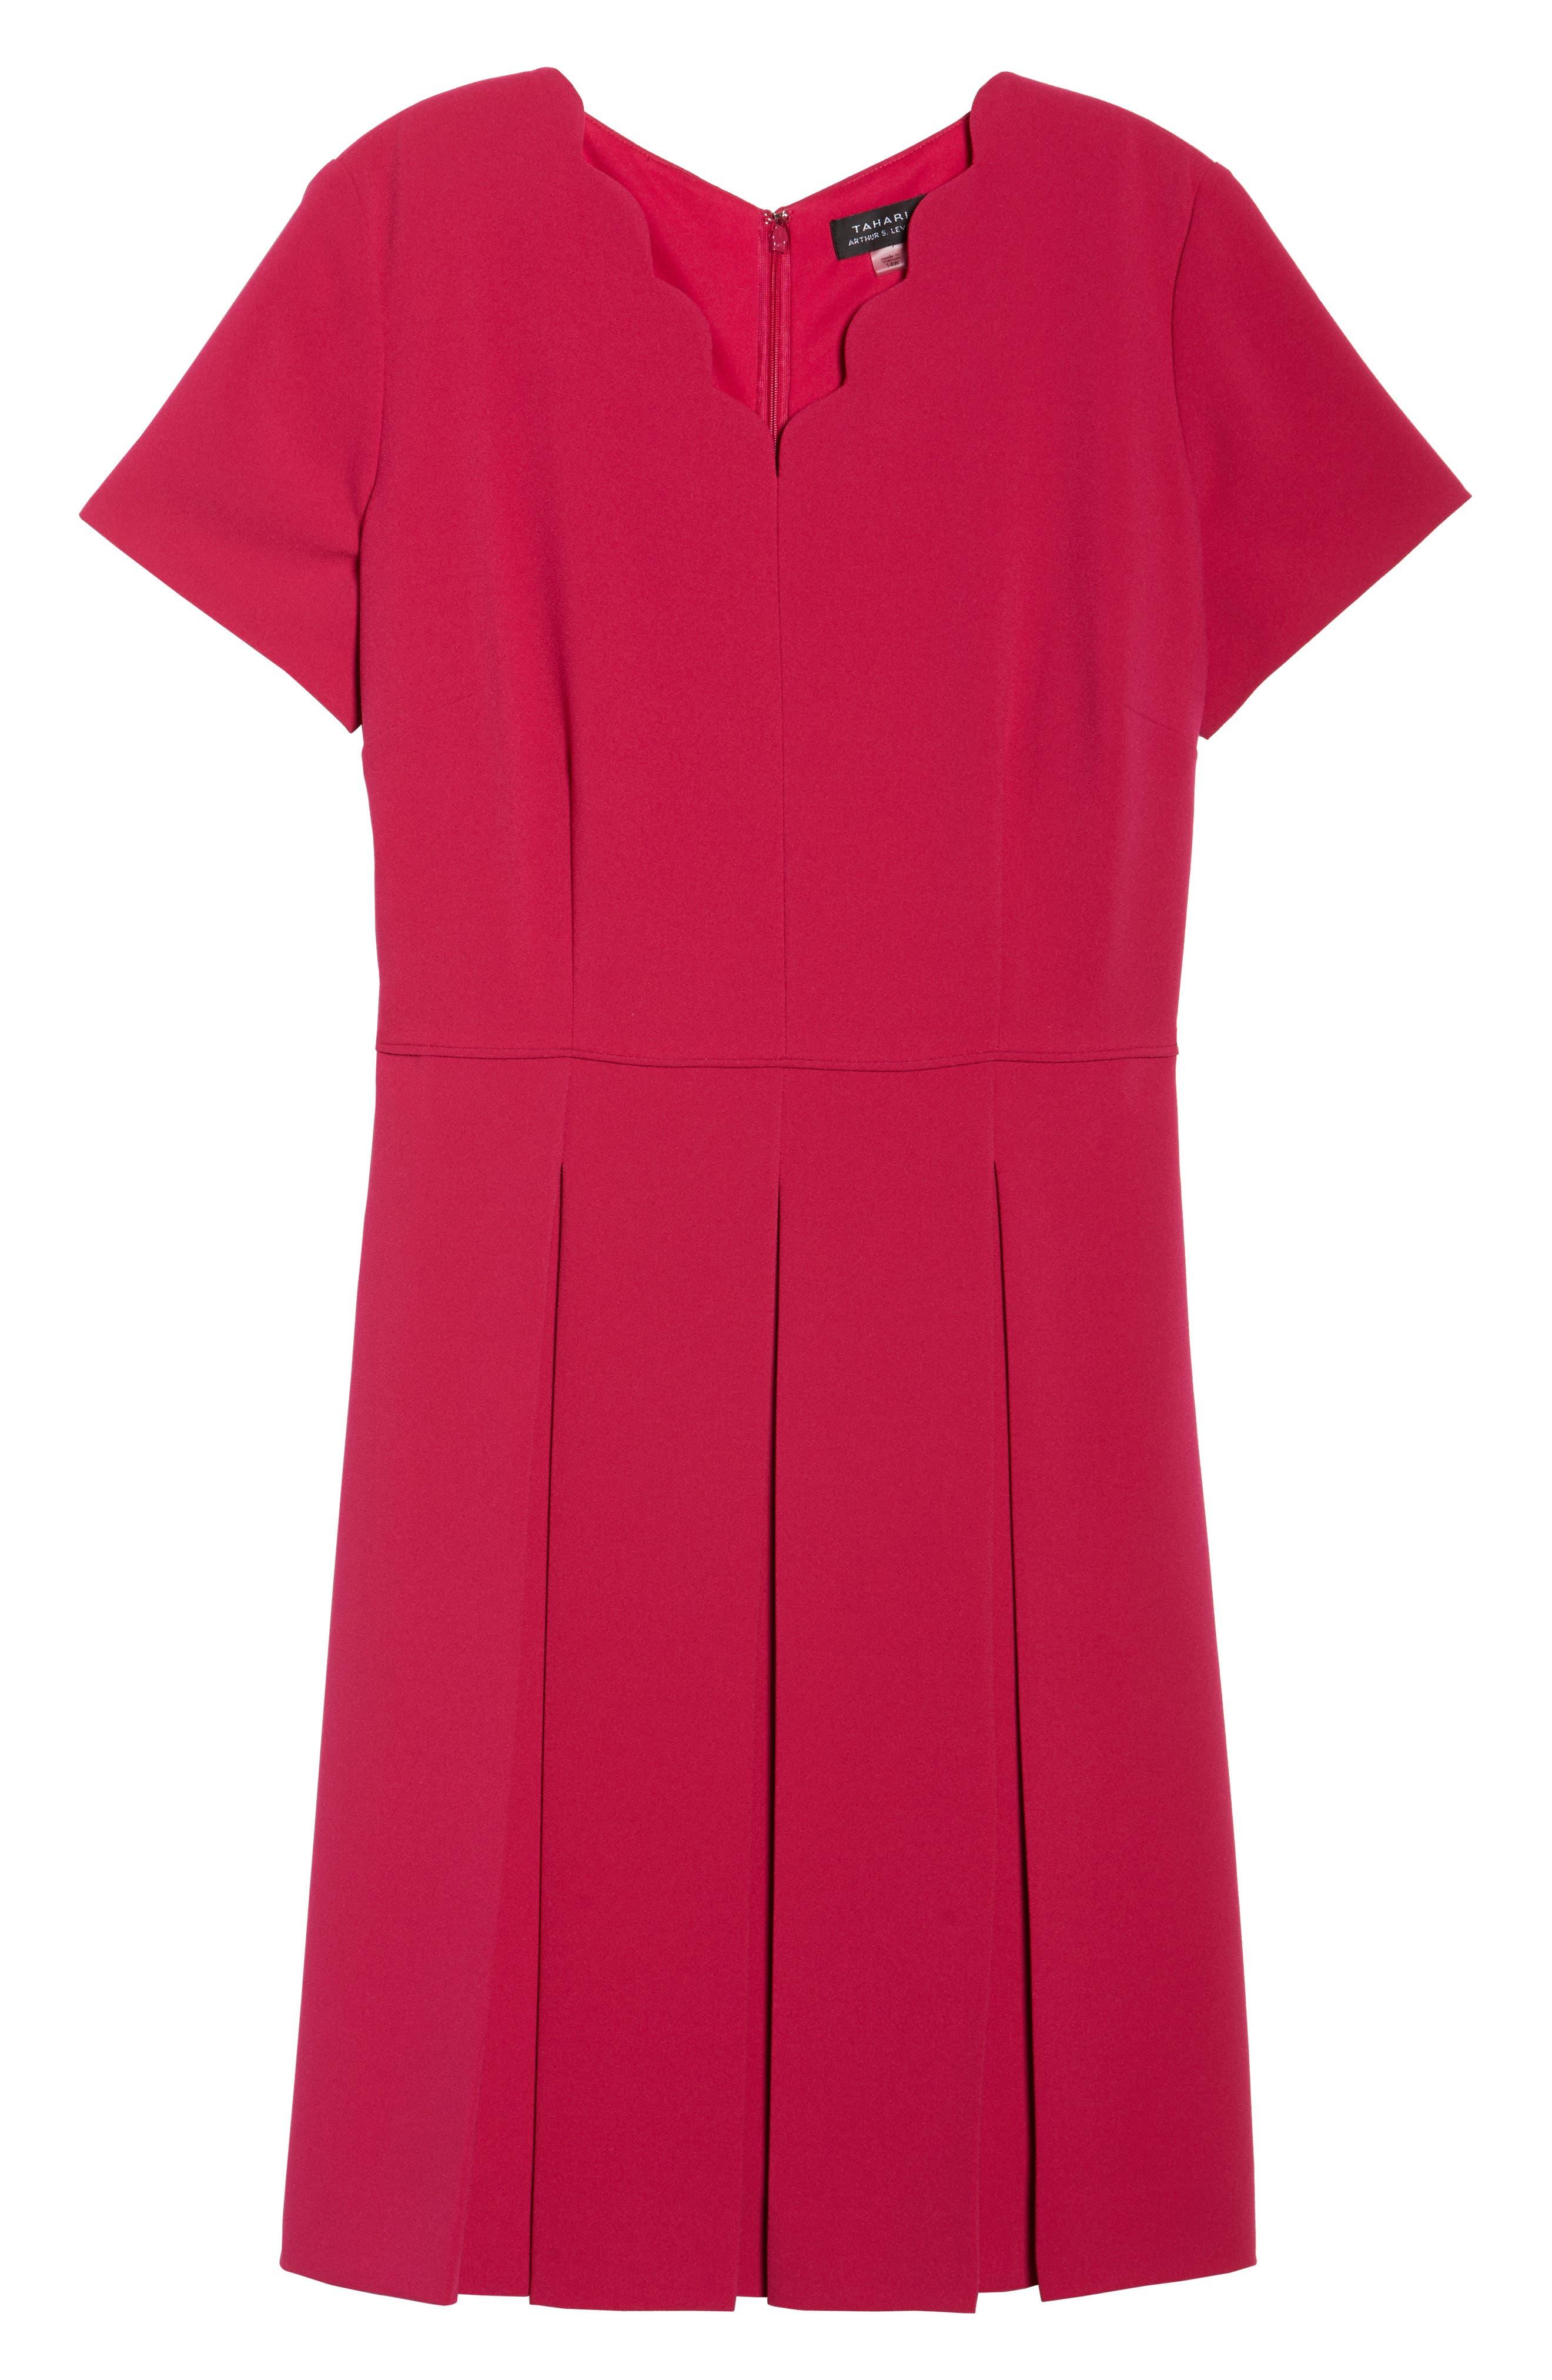 Scallop Neck A-Line Dress,                             Alternate thumbnail 6, color,                             677